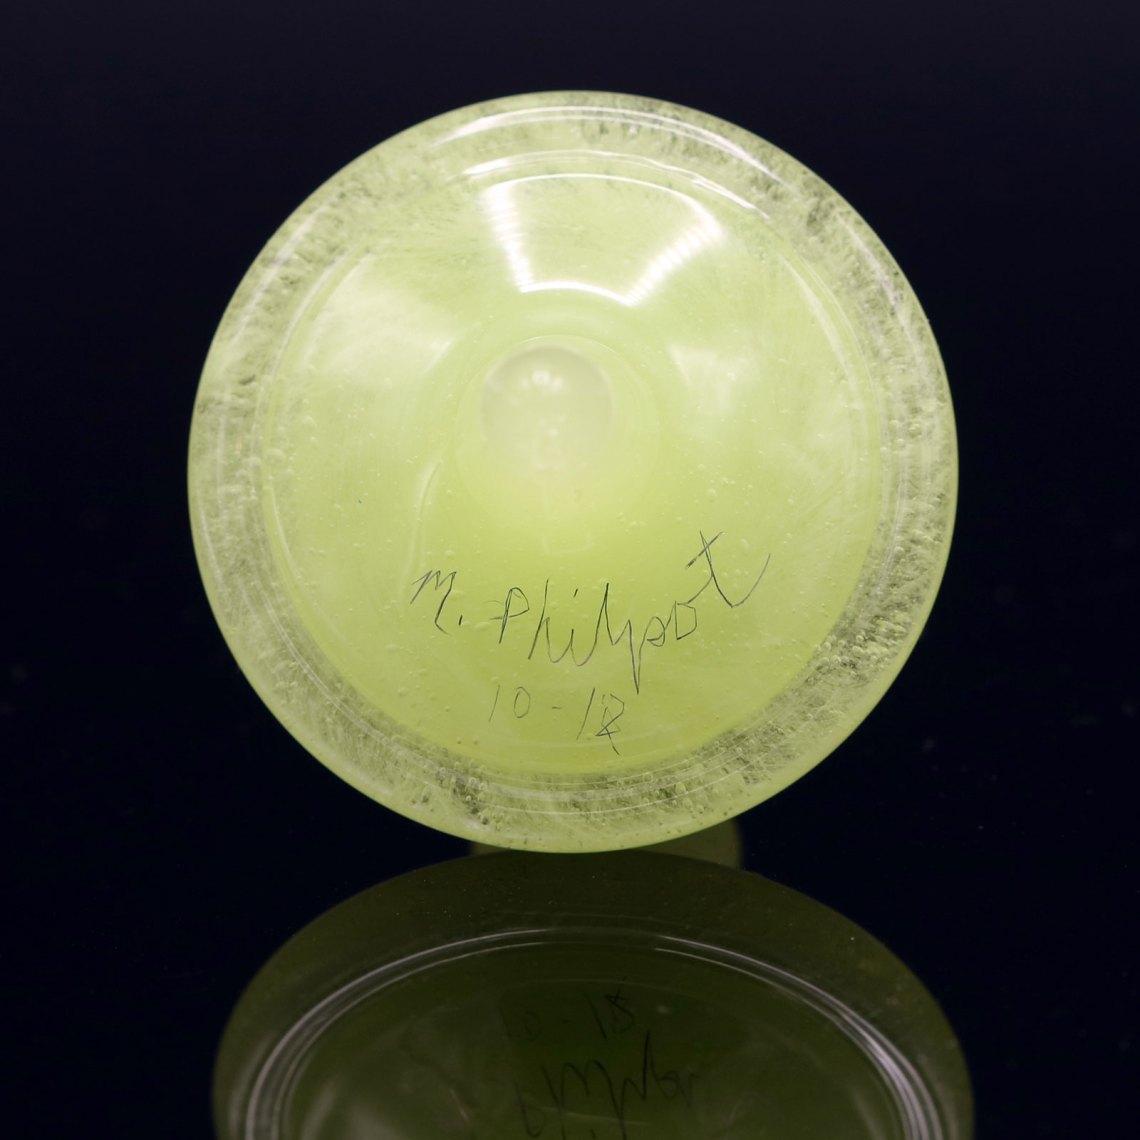 Mike Philpot – Light Green Spinning Glass Top